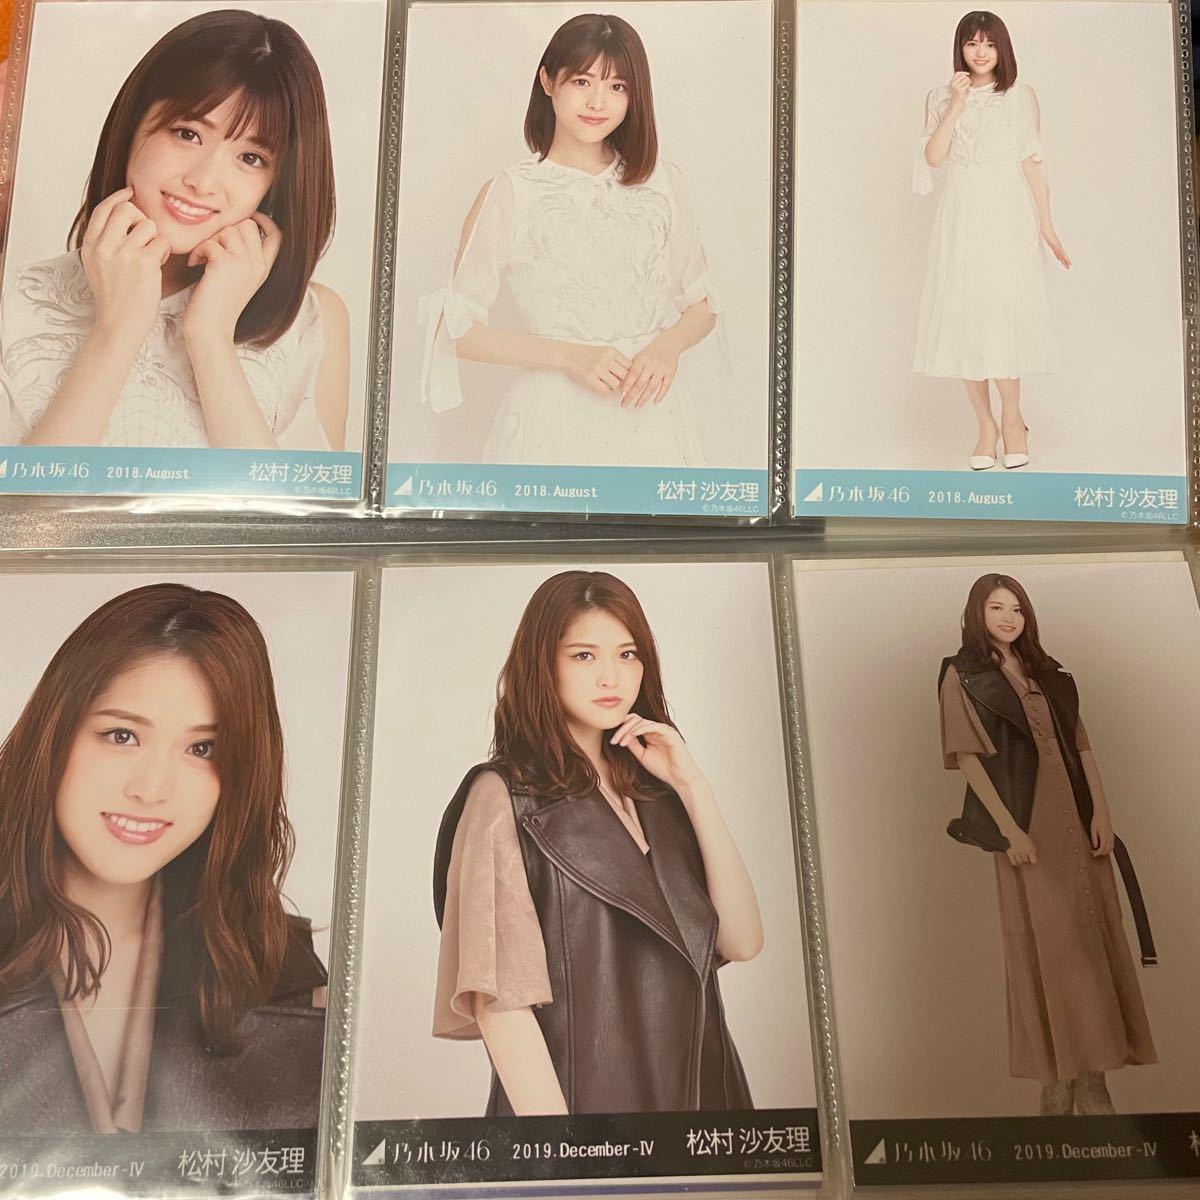 乃木坂46 松村沙友理 生写真 コンプ 公式 真夏の全国ツアー 50枚